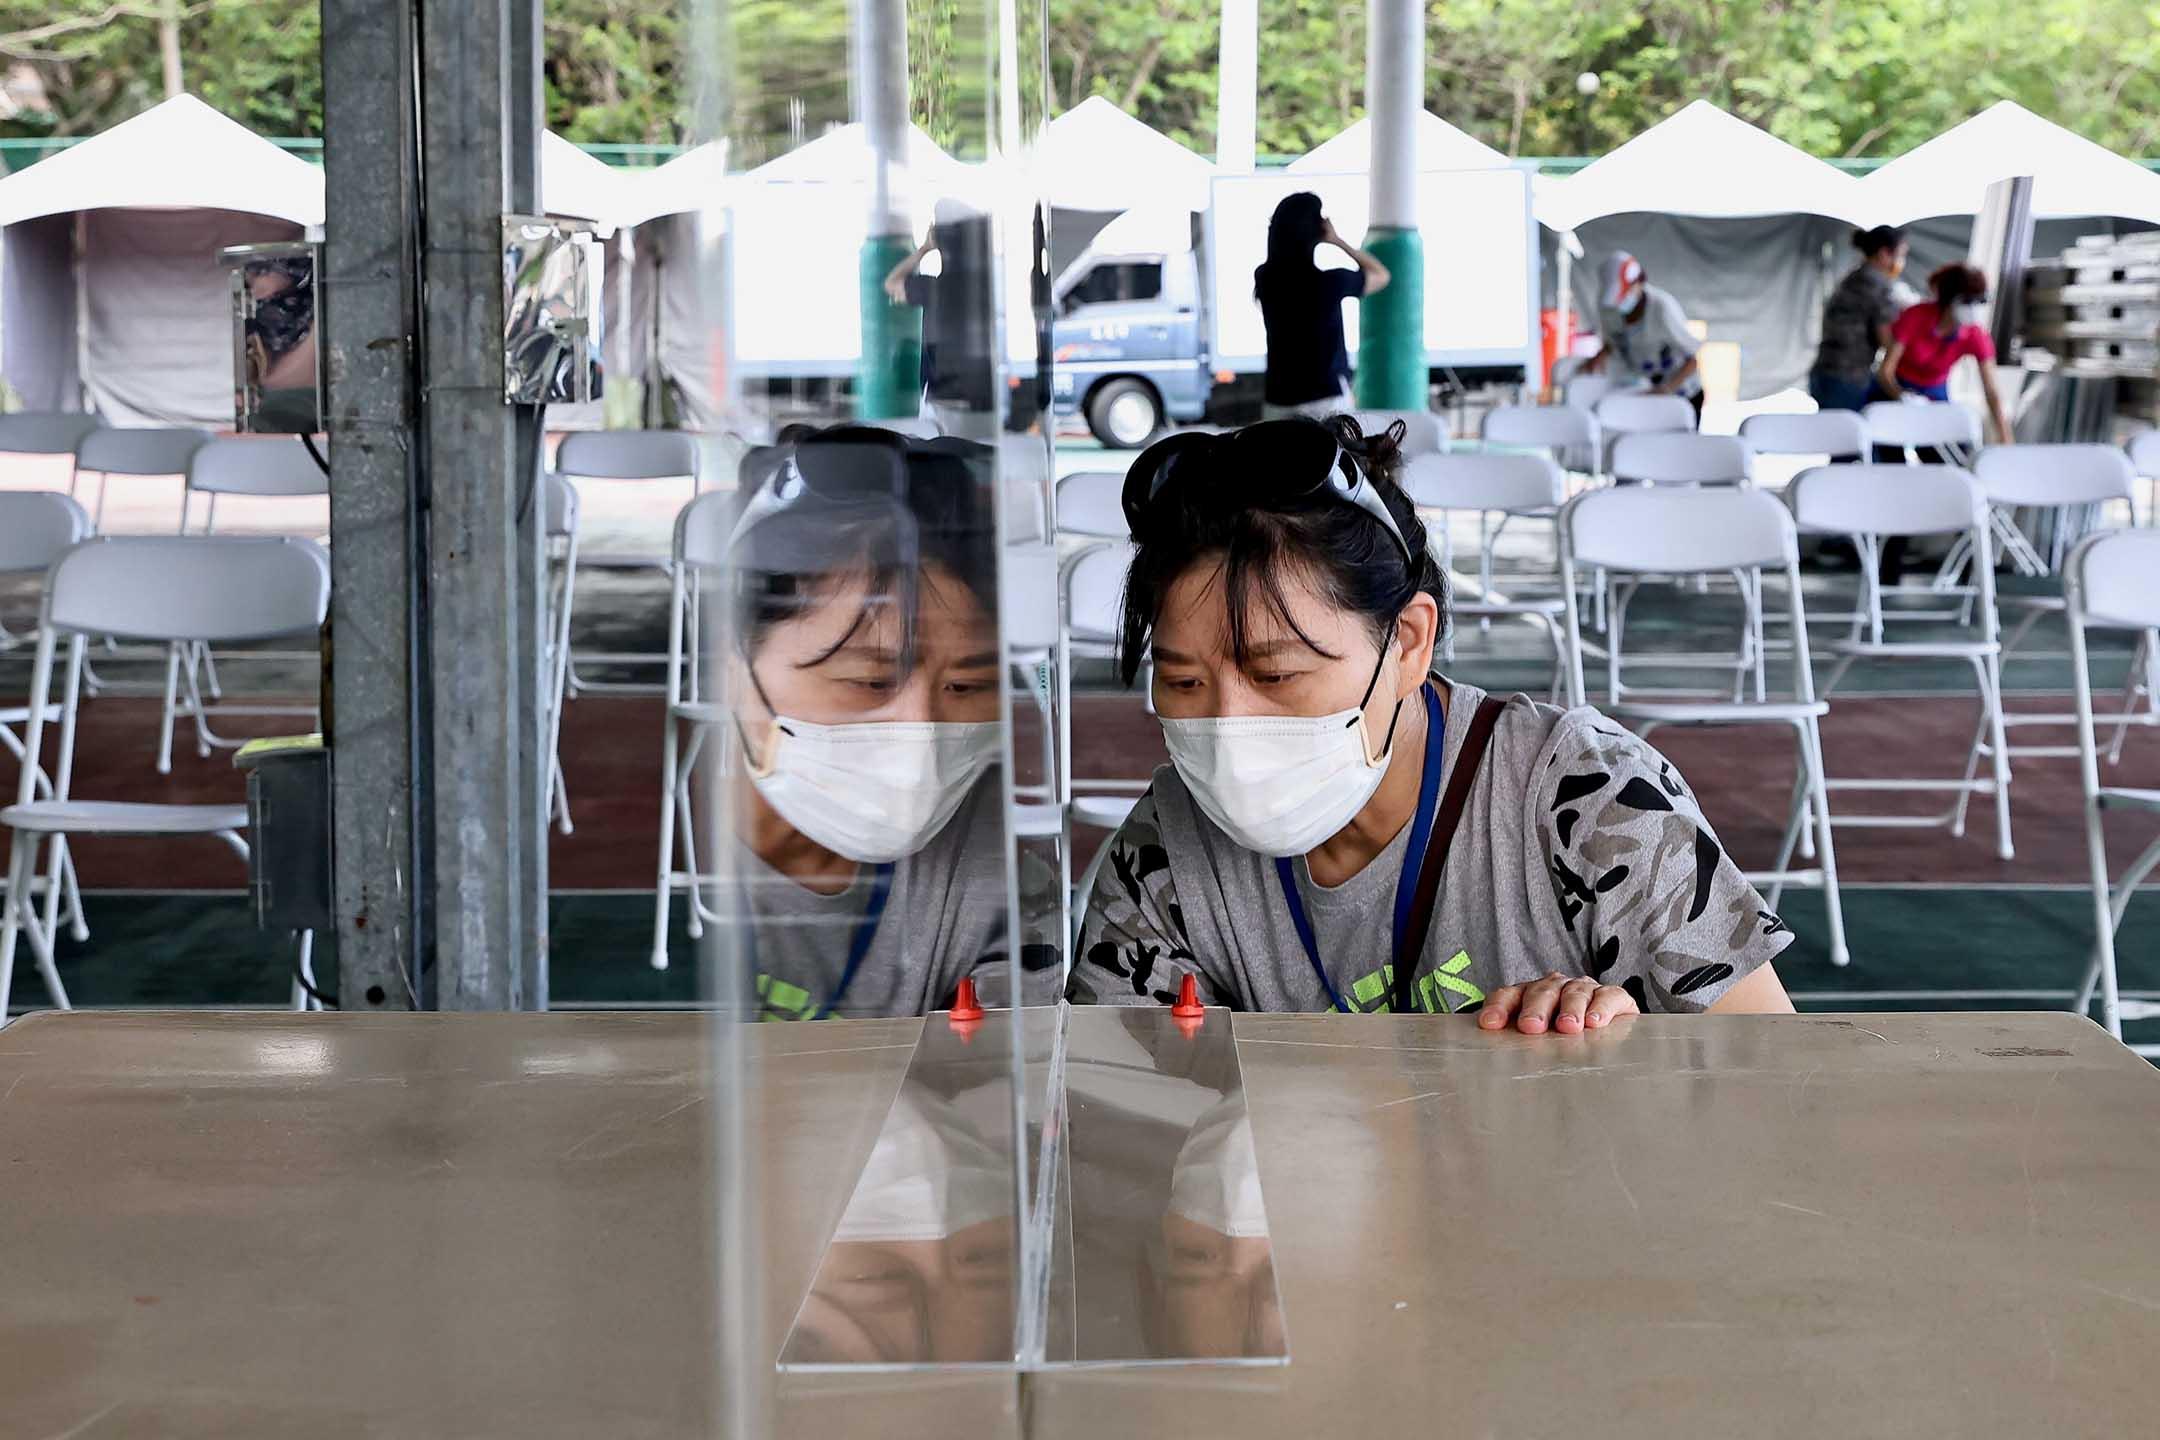 2021年6月8日台灣新竹,一名戴著口罩的婦女在網球場設置了一塊隔板,該網球場被改造成臨時疫苗接種點。 攝:Ann Wang/Reuters/達志影像